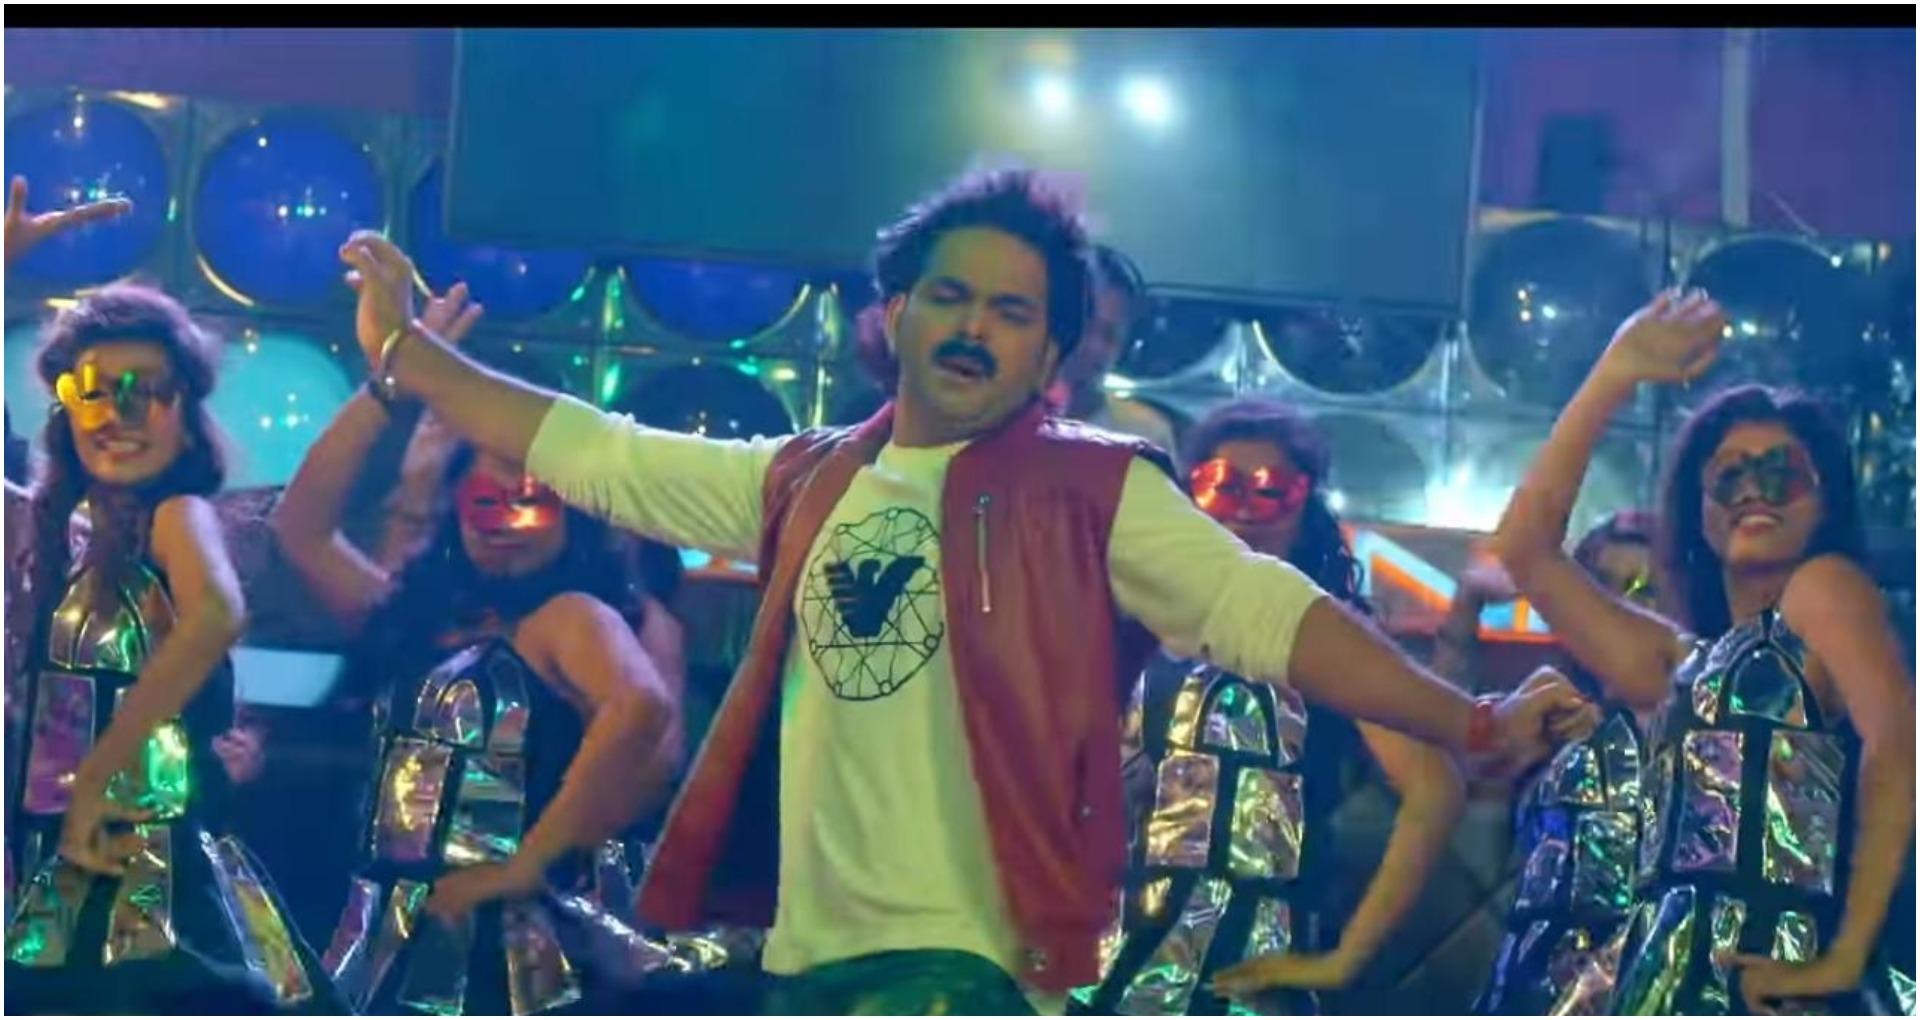 Pawan Singh Bhojpuri Song: पवन सिंह का गाना एक बार फिर अपने सुर-ताल से सोशल मीडिया पर वायरल हुआ